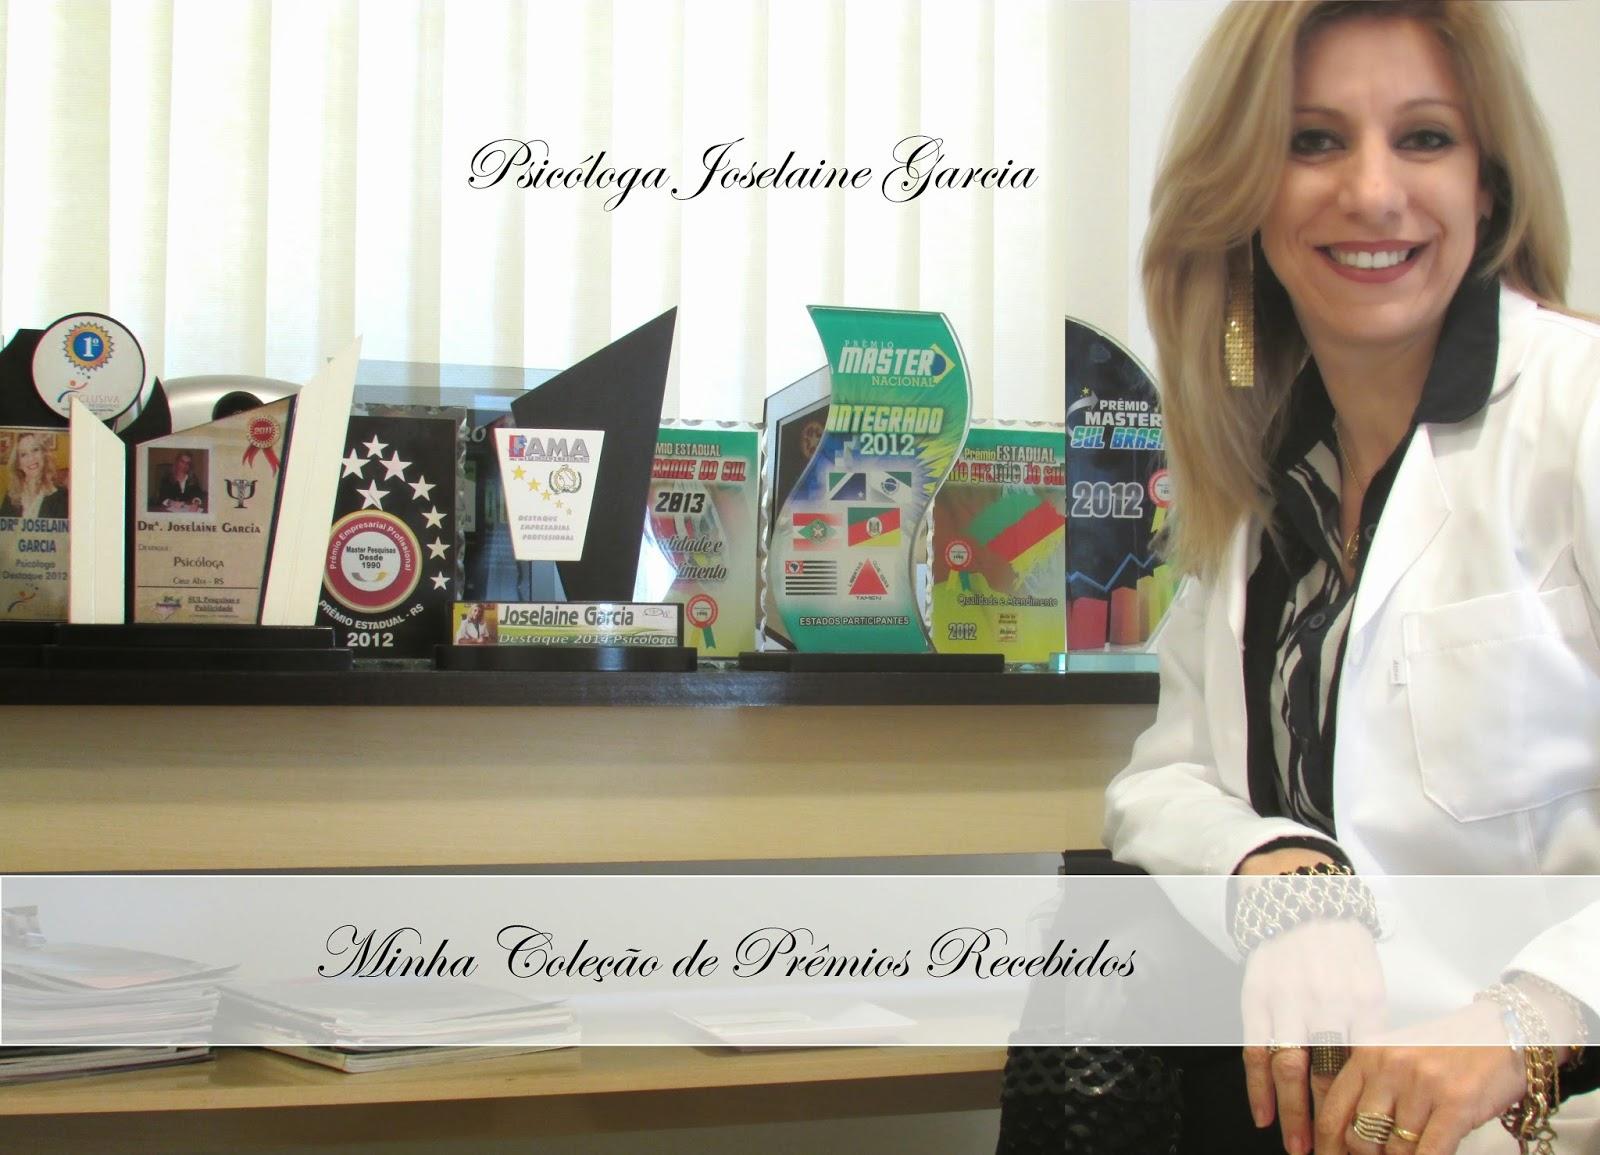 Foto da Psicóloga Joselaine Garcia junto a alguns dos troféus que recebeu ao longo de sua carreira profissinal